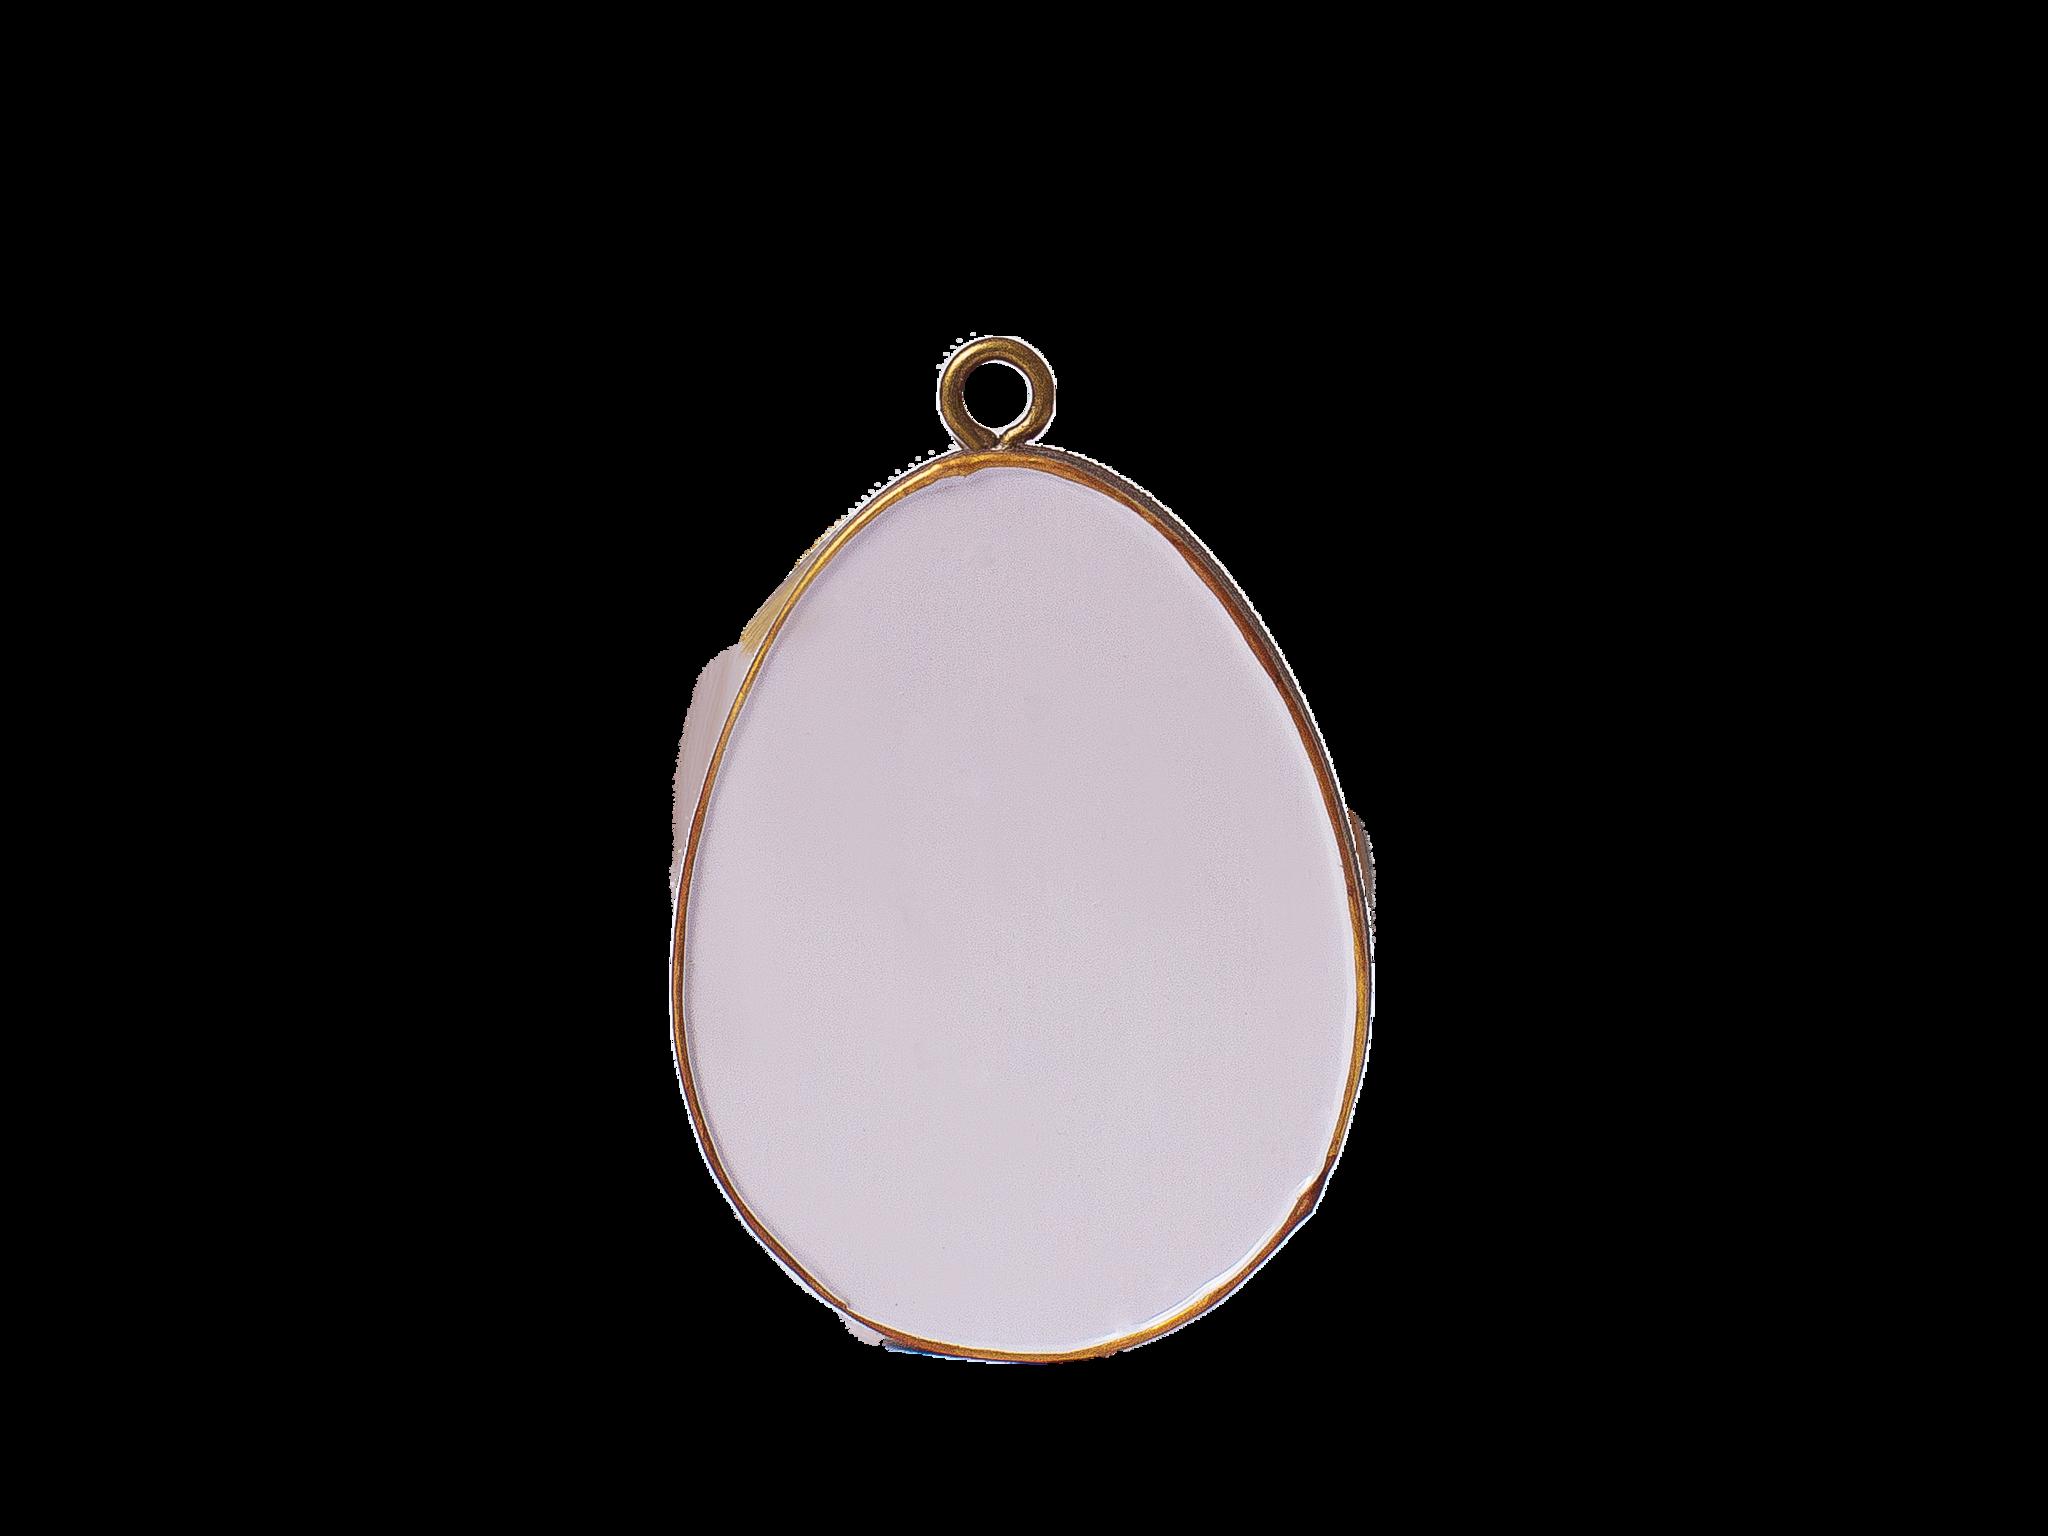 Пасхальное украшение Яйцо без Декора, цвет: светло-лиловый